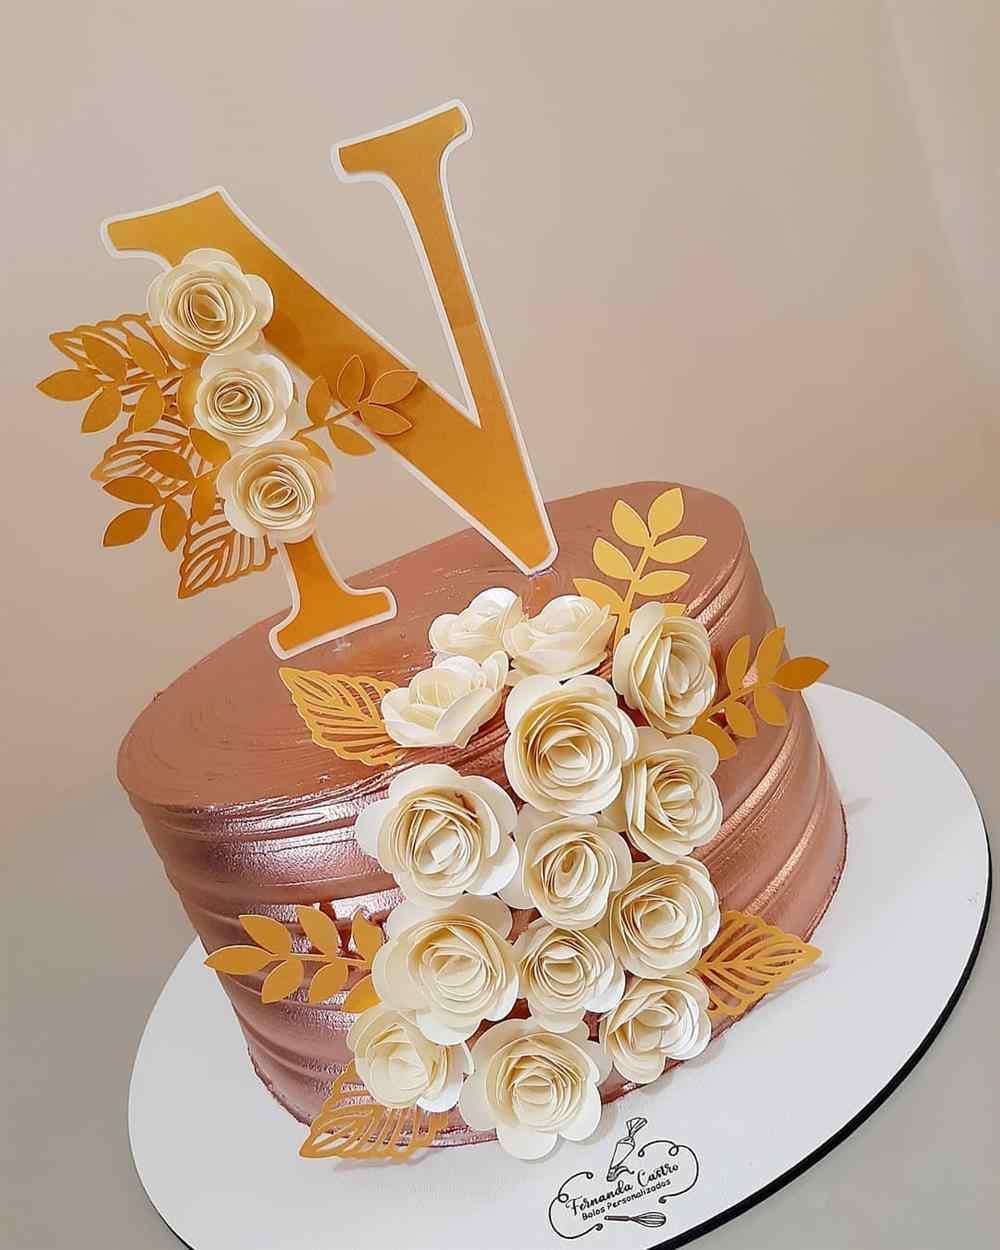 Topper de bolo com a inicial do nome